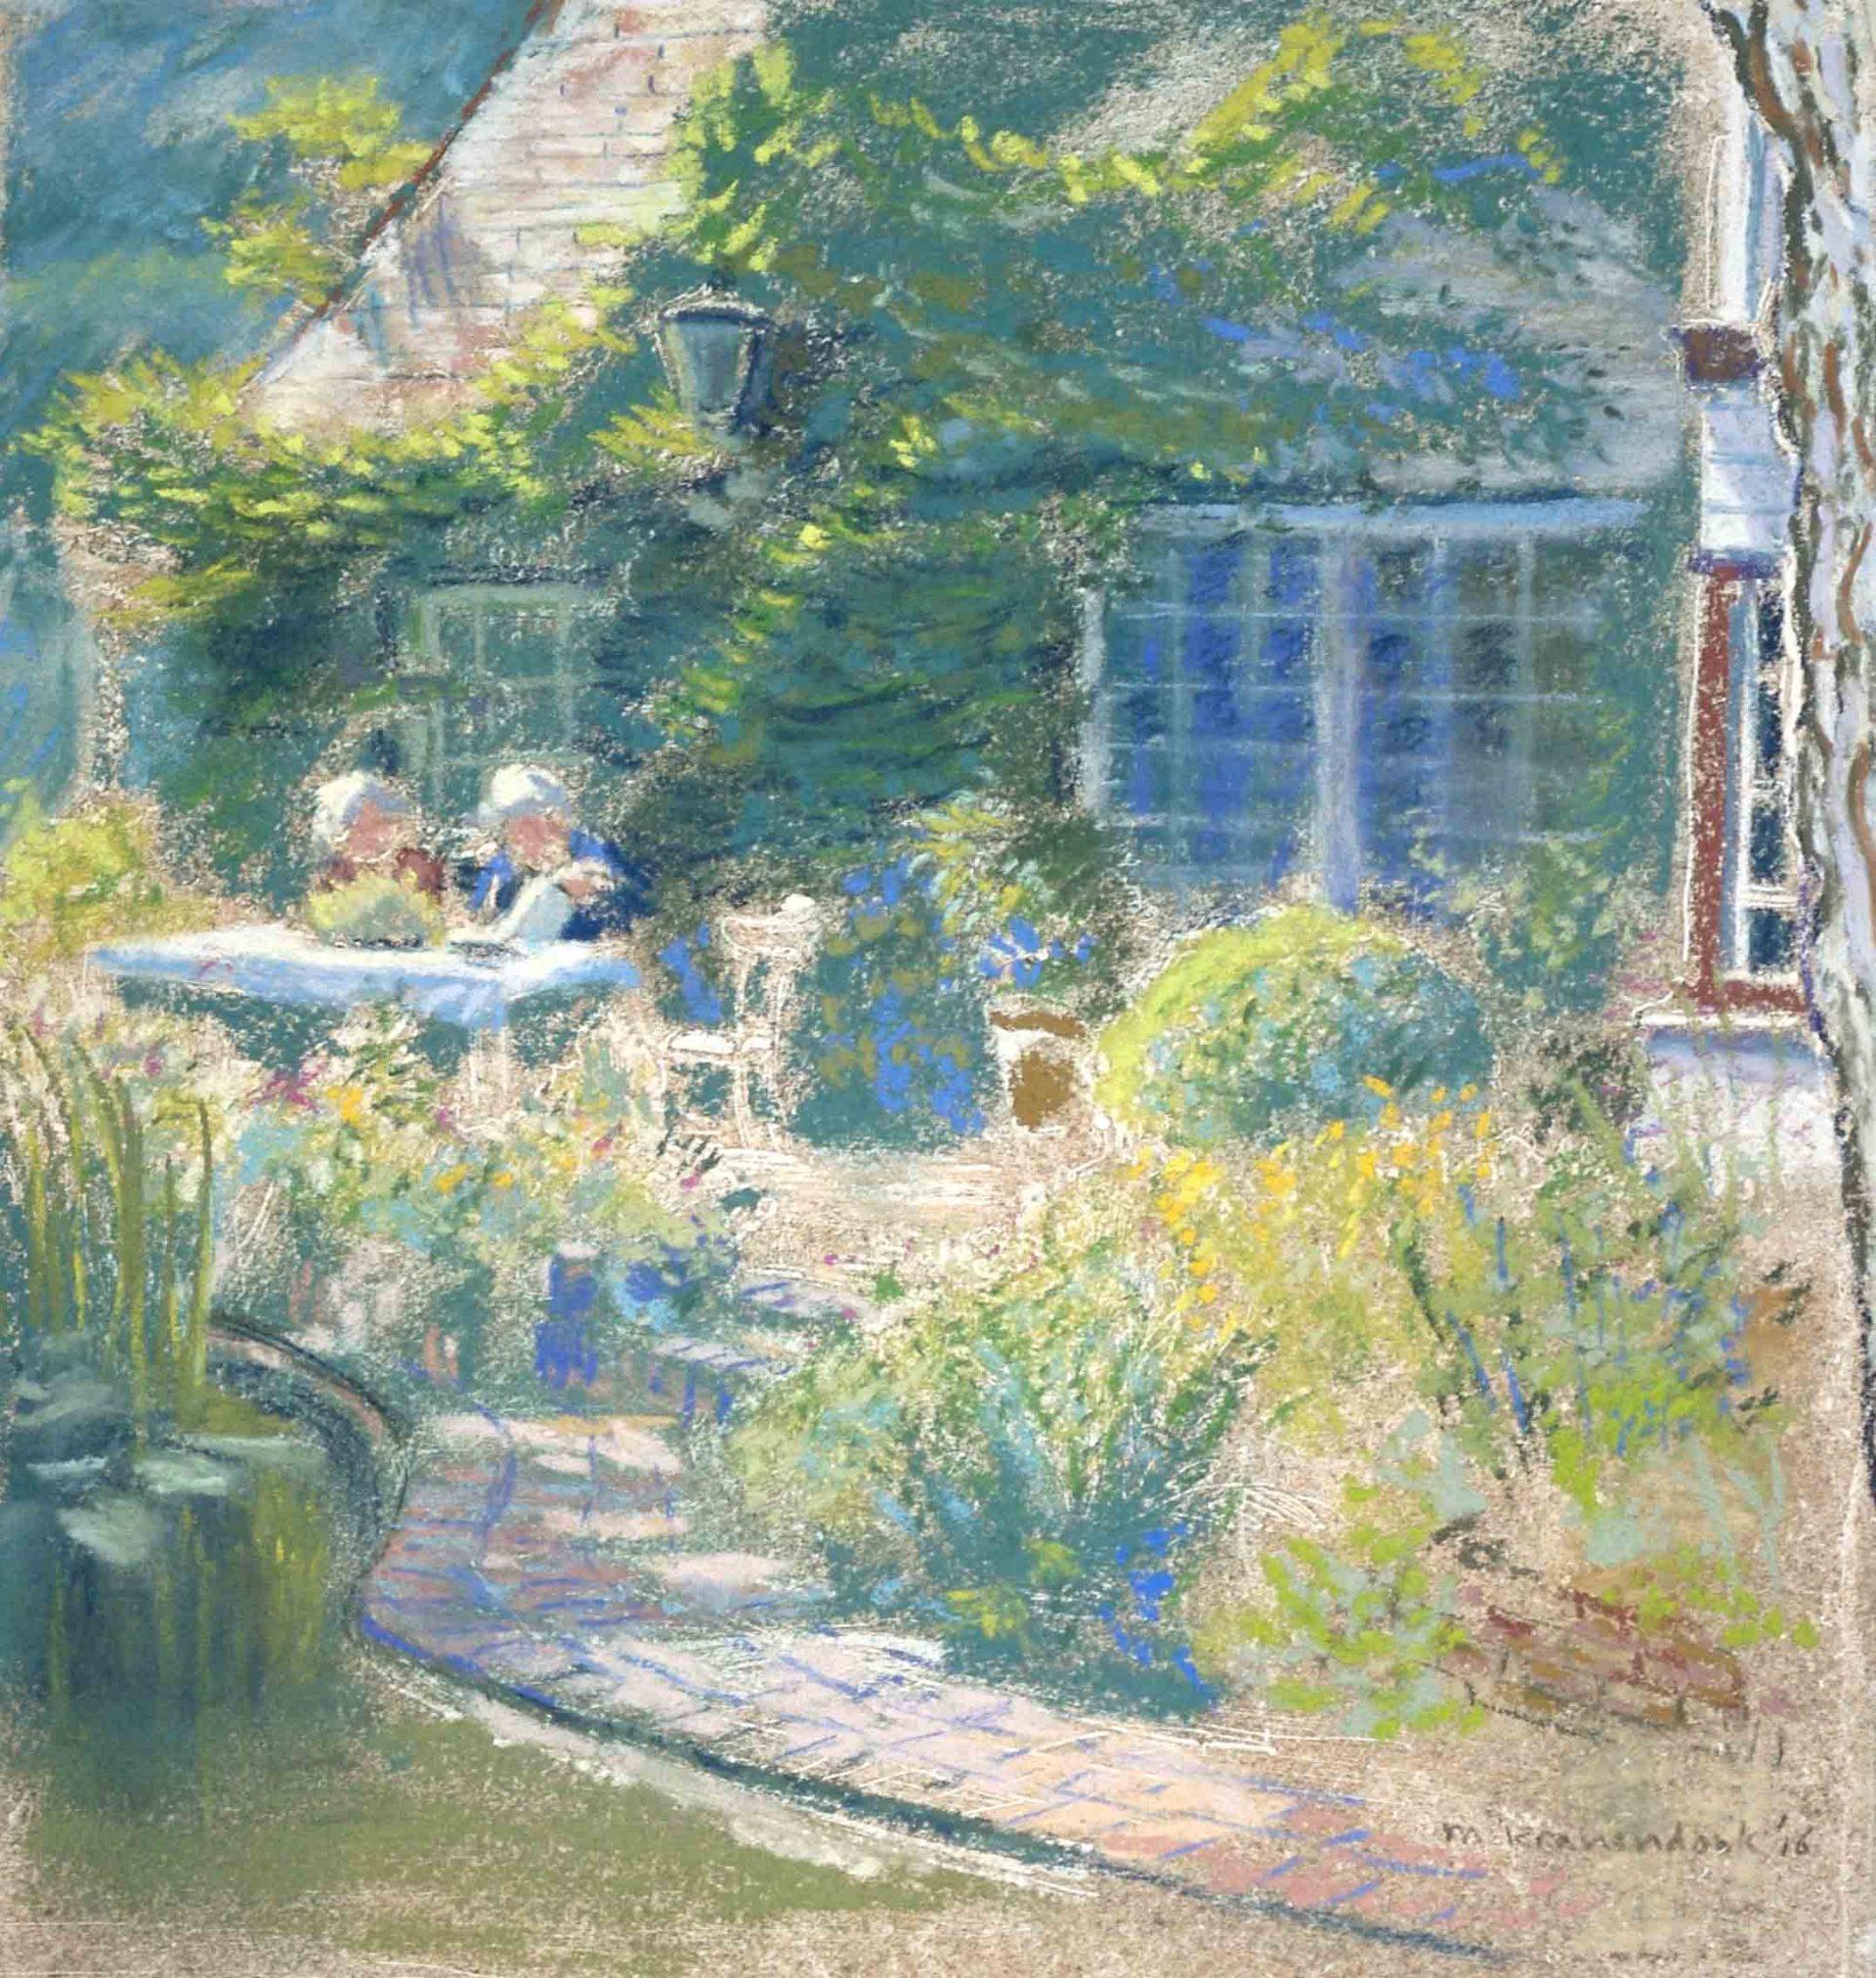 huisportret in opdracht, zonnig schilderij van woning en tuin met bewoners , aandenken aan woonhuis,impressie